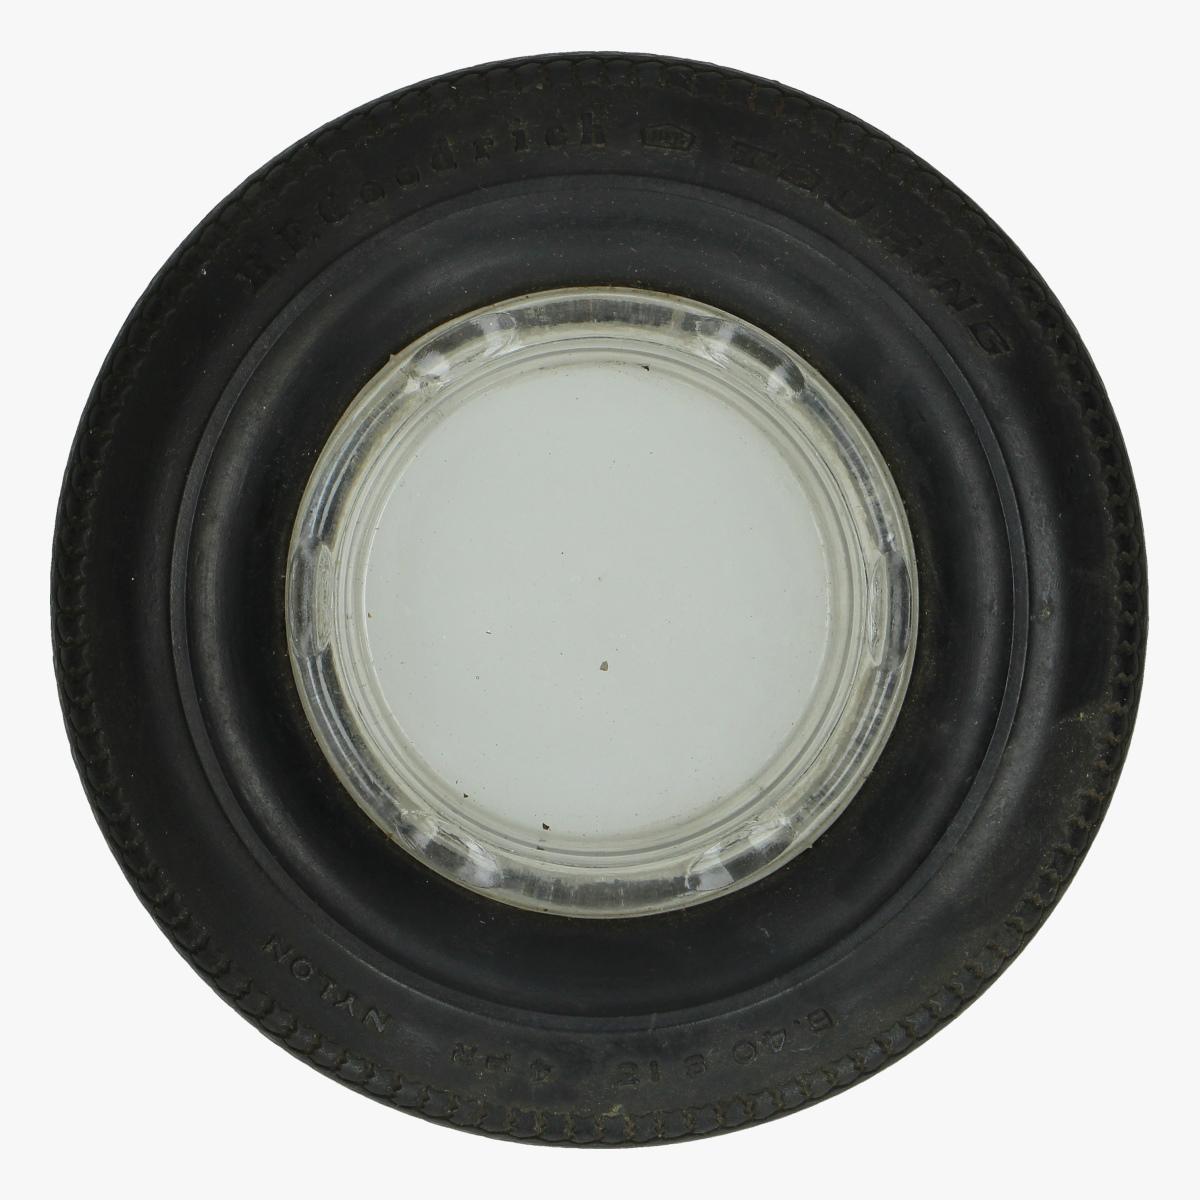 Afbeeldingen van asbak B.F. Goodrich touring tires